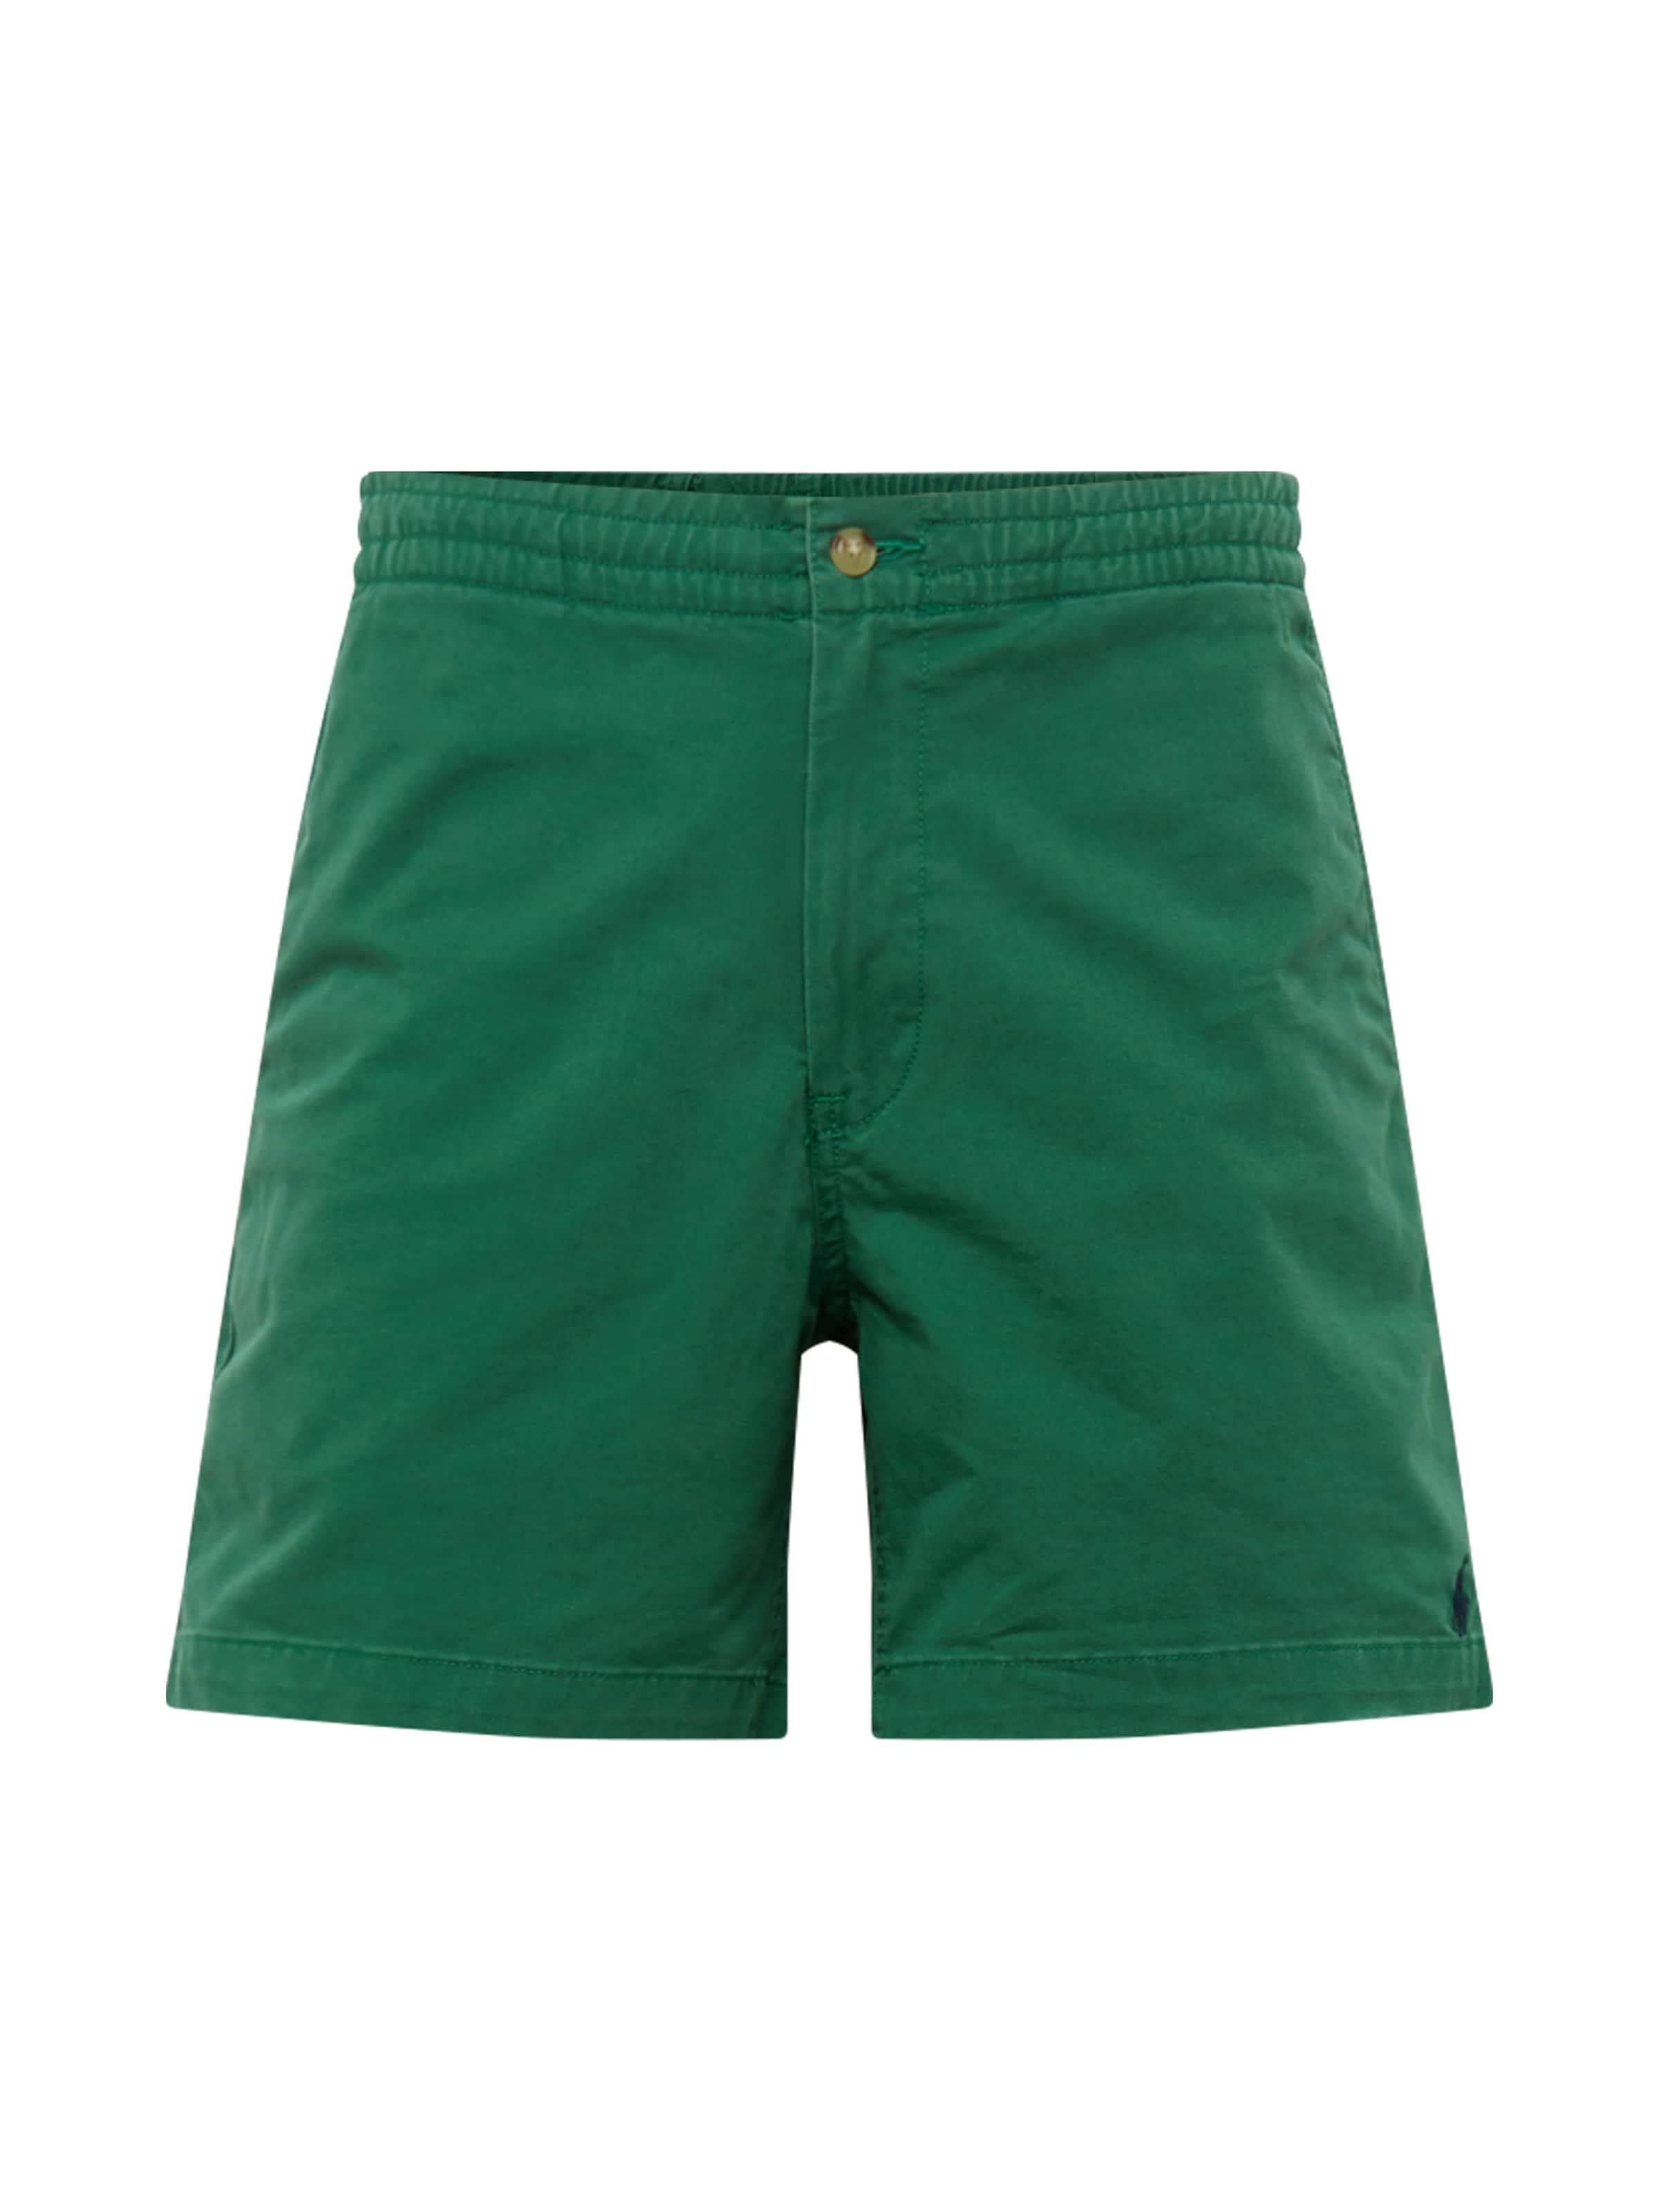 Ralph Polo Dunkelgrün short' Lauren Shorts flat In 'fprepster6s ul1cKT3FJ